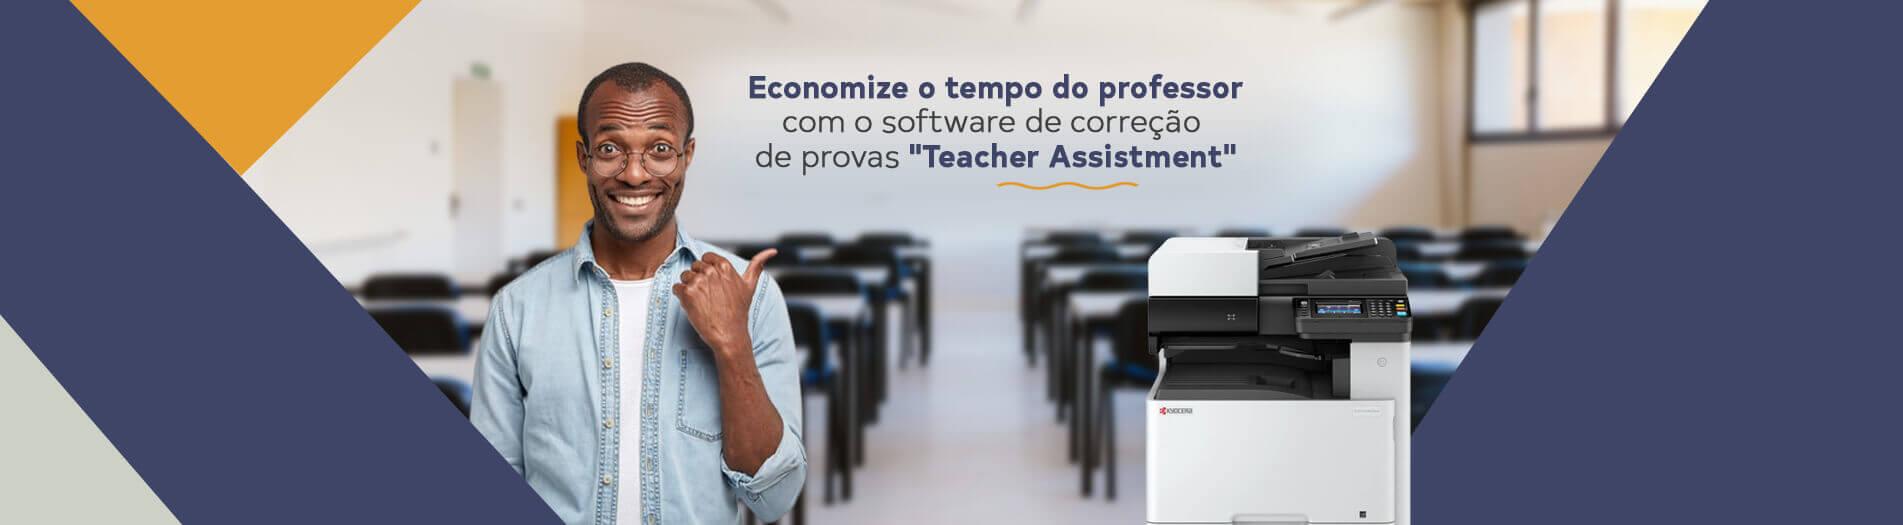 Economize o tempo do Professor com a Max Quality